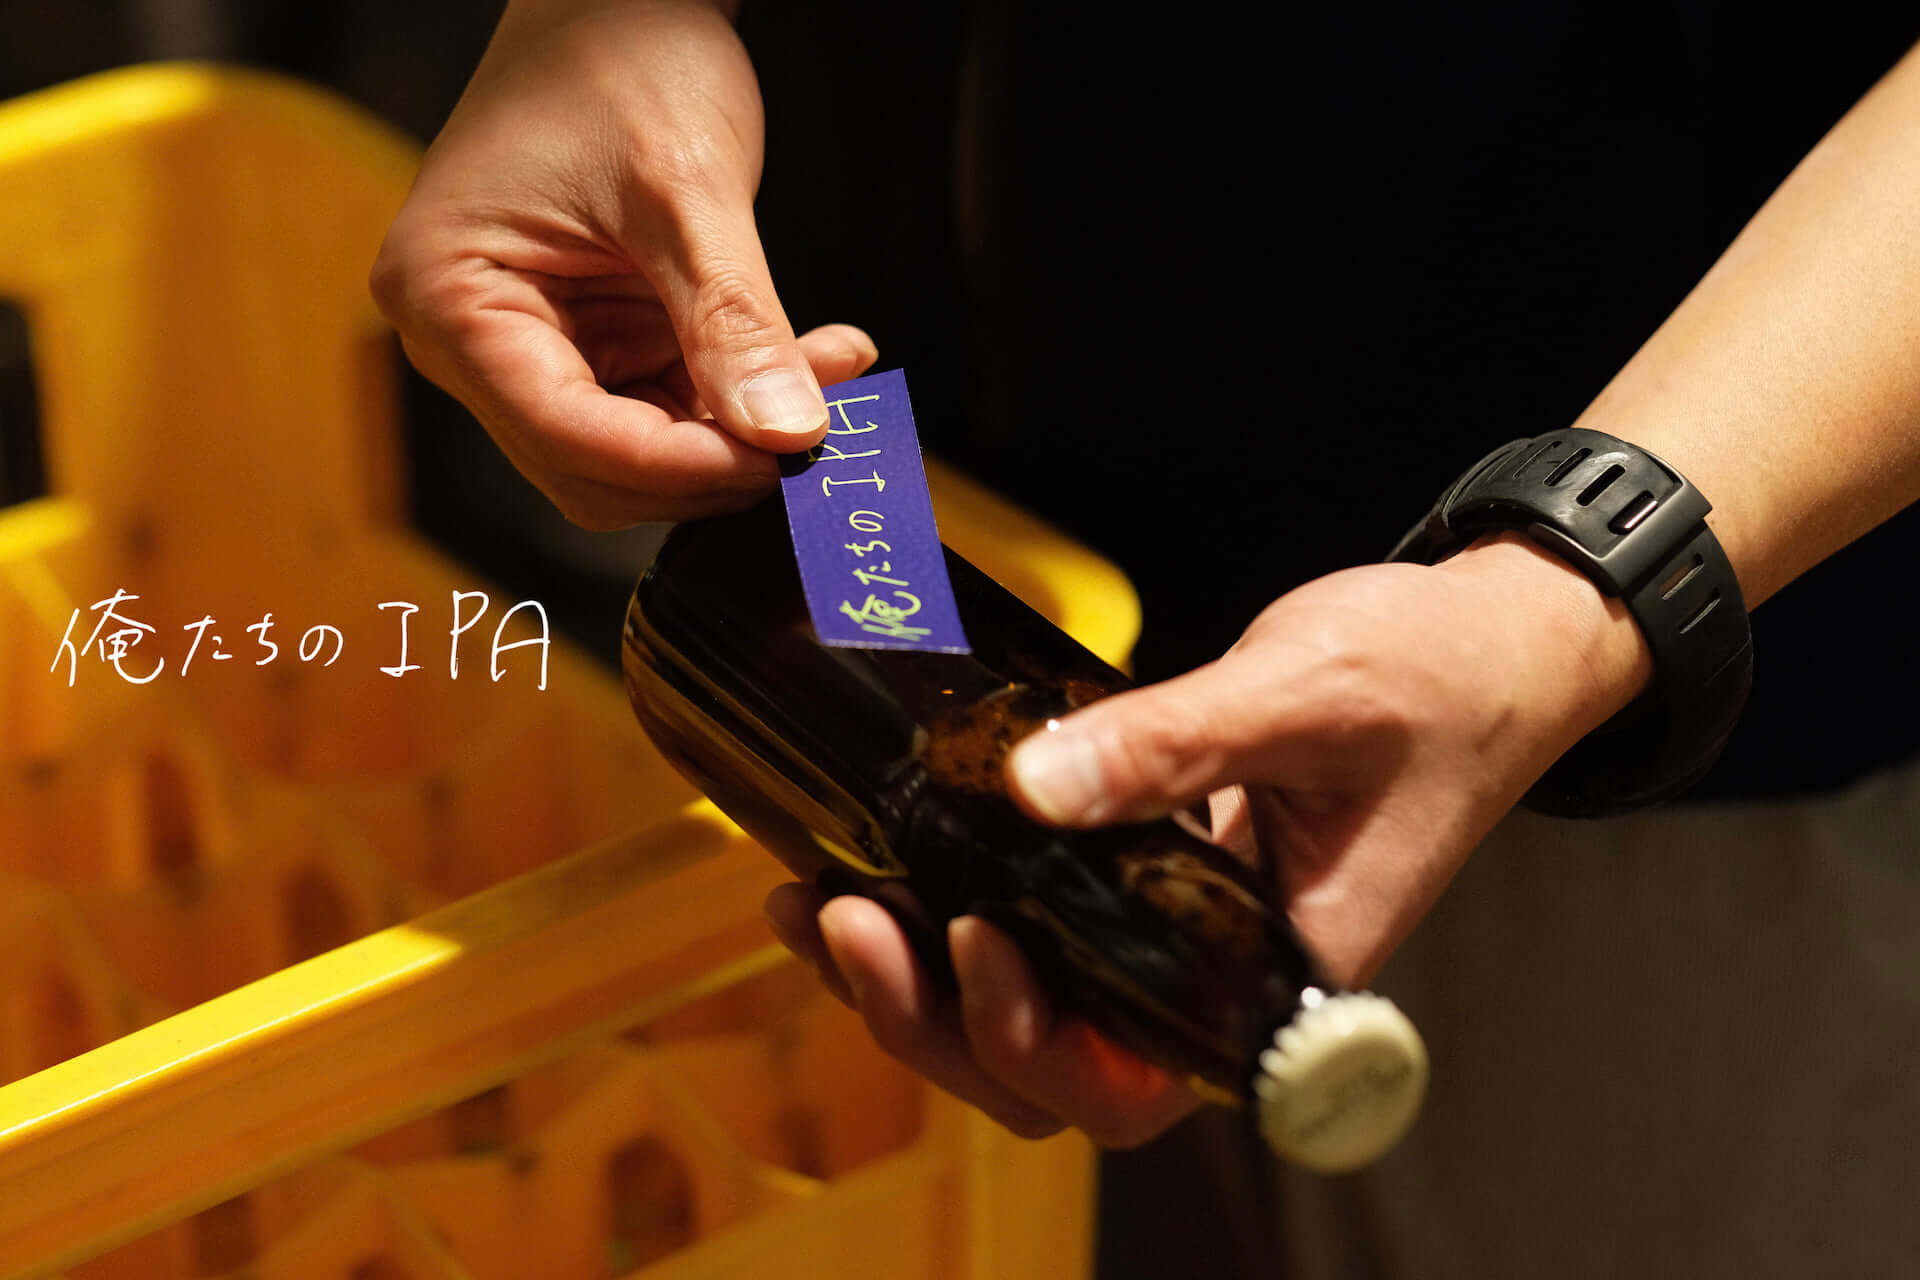 クラフトビールメーカー「横浜ビール」から新商品『俺たちのIPA -OUR PRIDE-』が登場!100セット限定で発売決定 gourmet210216_yokohamabeer_1-1920x1280